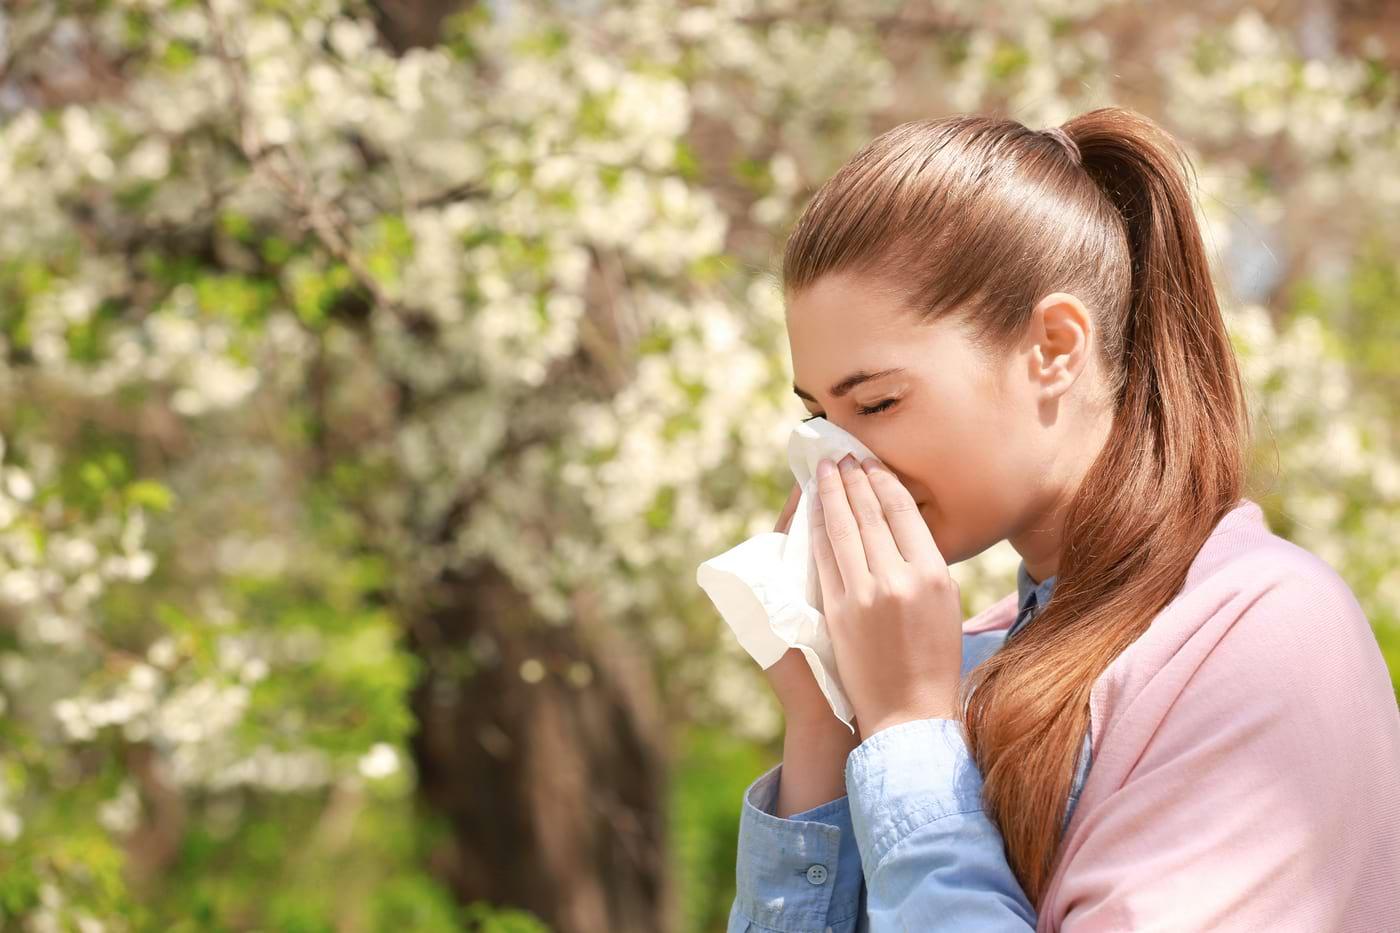 Cum scapi mai usor de alergiile de primavara: regulile esentiale pe care trebuie sa le respecti